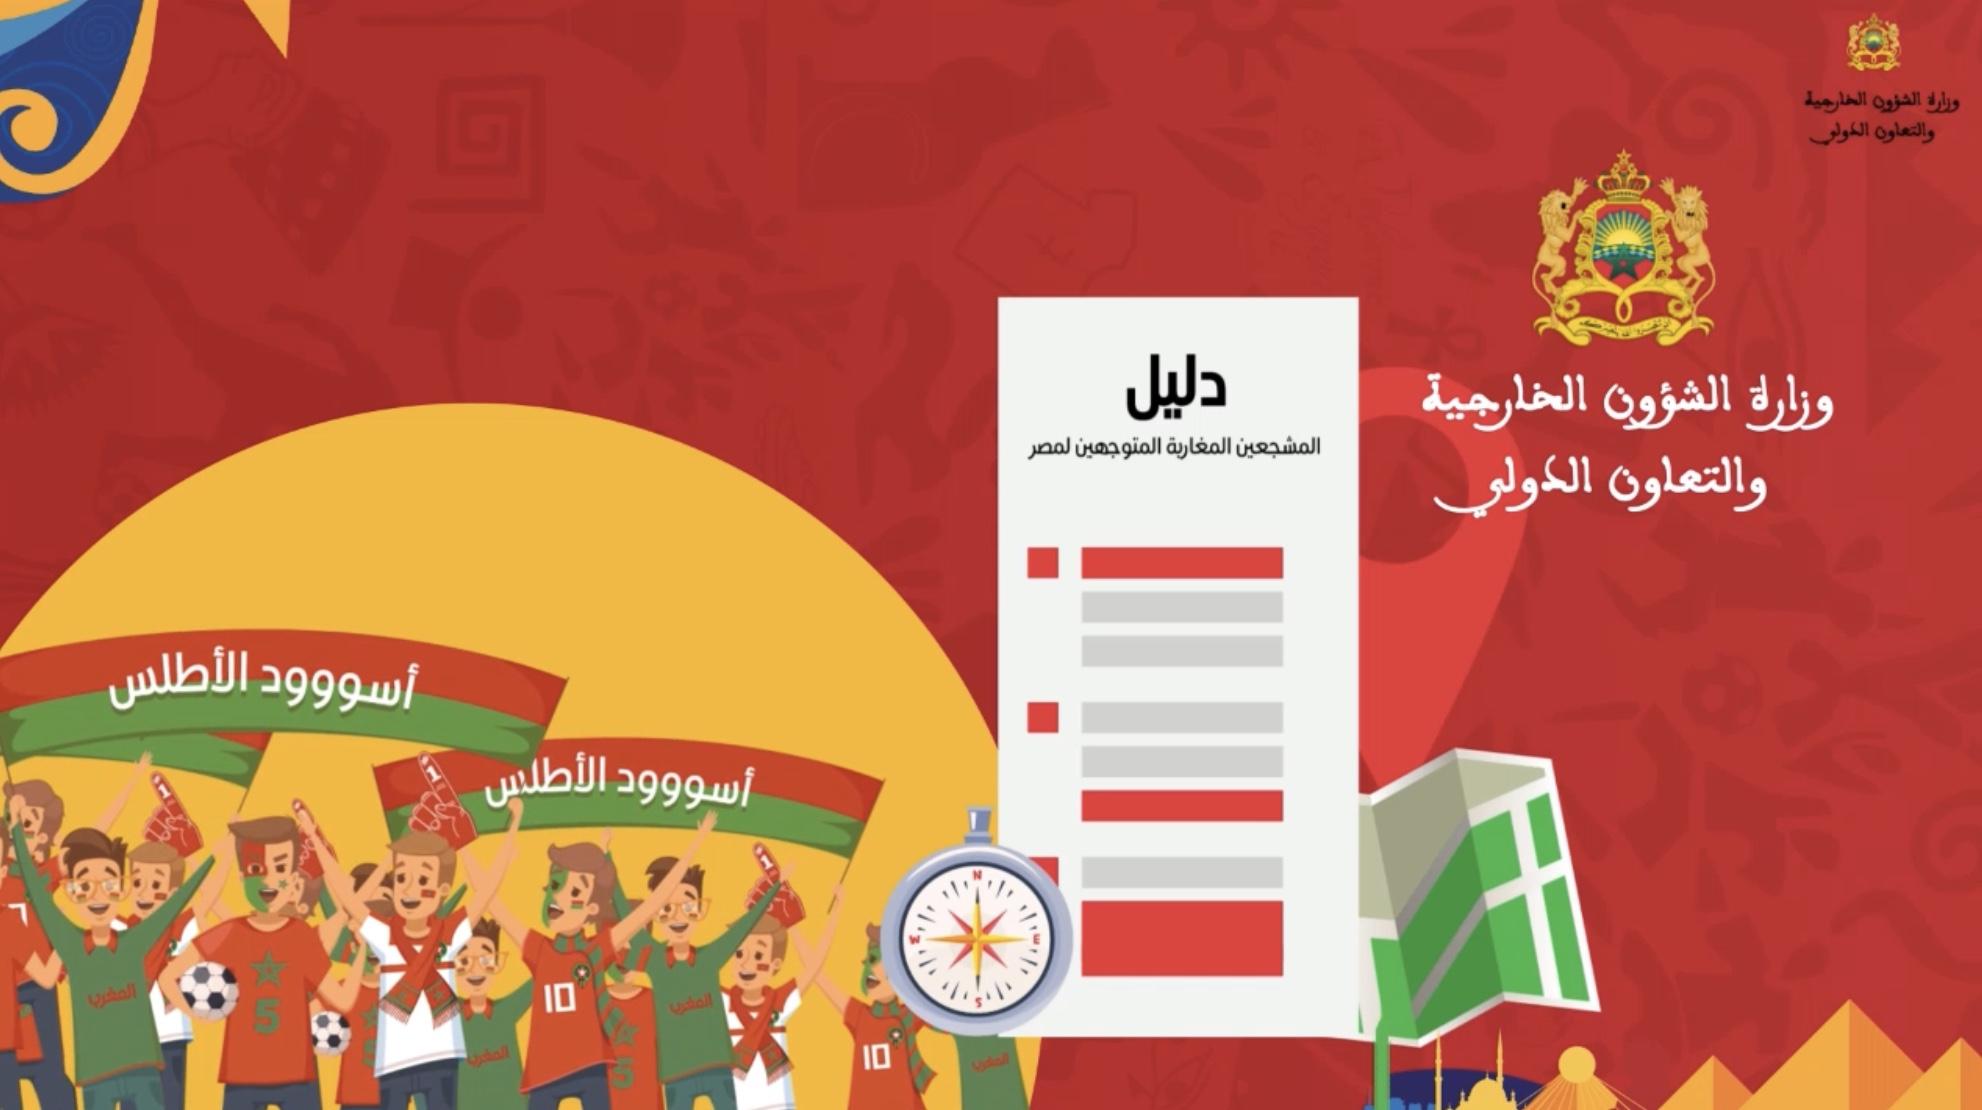 فيديو | وزارة الخارجية تُوفرُ دليلاً تفصيلياً للمُشجعين المغاربة المتوجهين إلى مصر